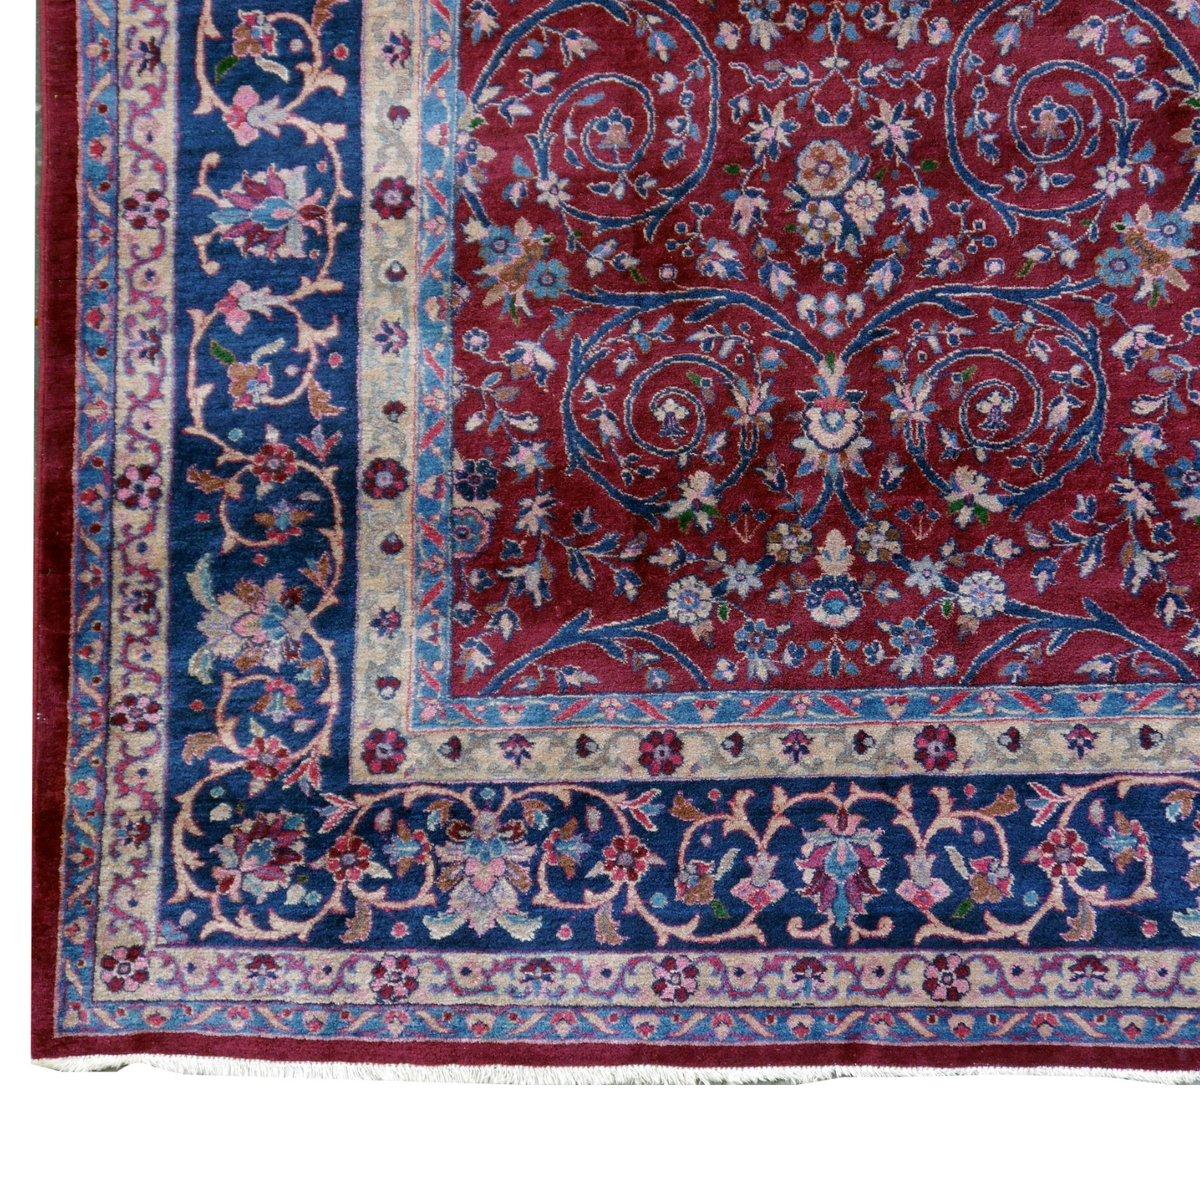 Antiker Indischer Agra Teppich, 1920er bei Pamono kaufen